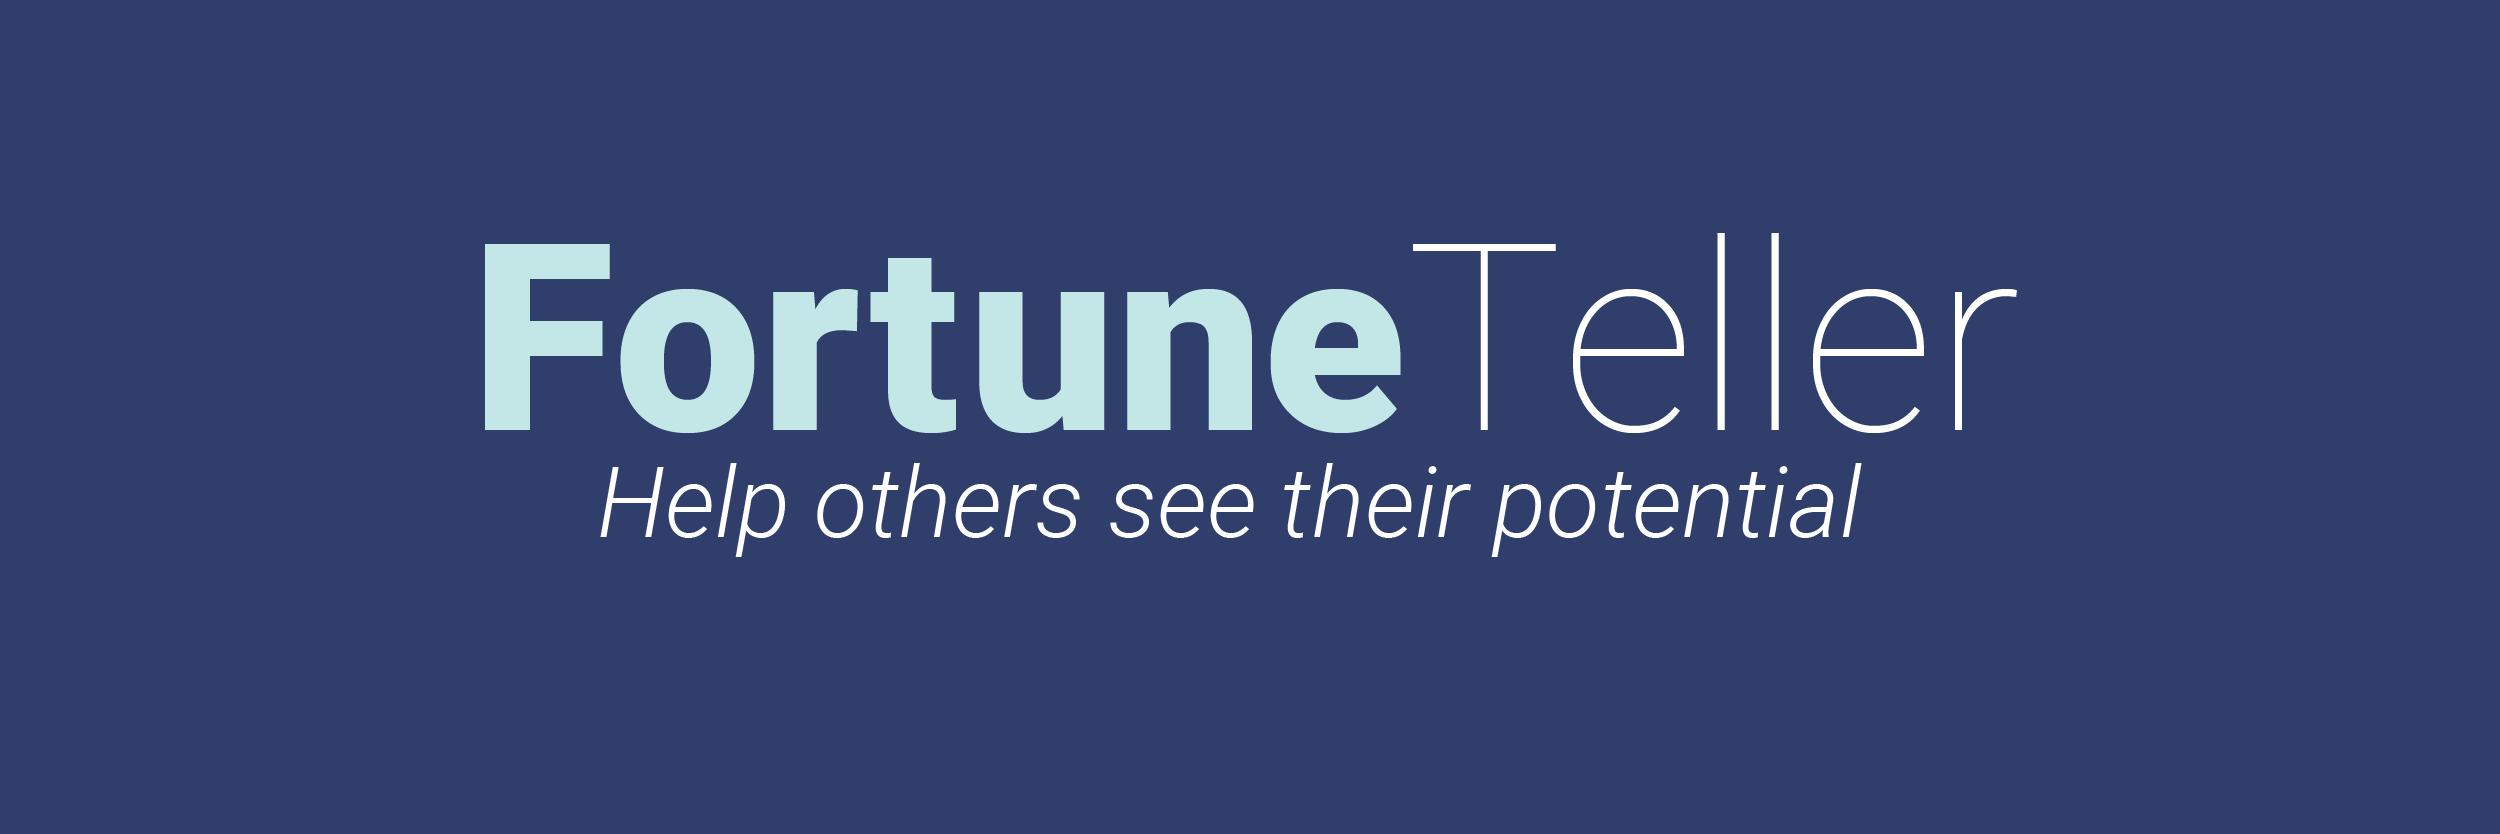 Fortune Teller-01-1